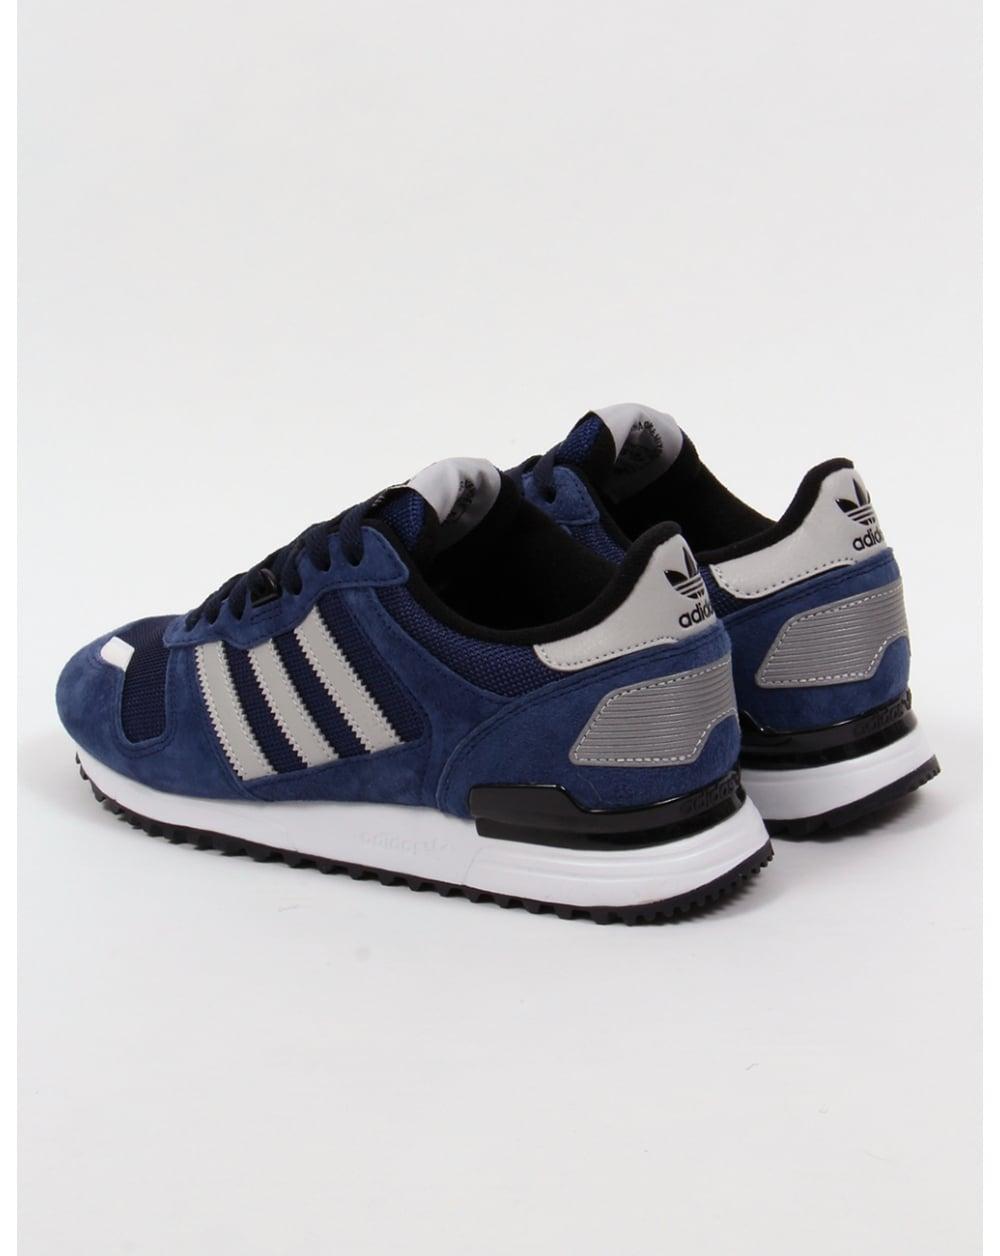 Adidas Originaler Zx 700 Trenere Svart 8dakPZ